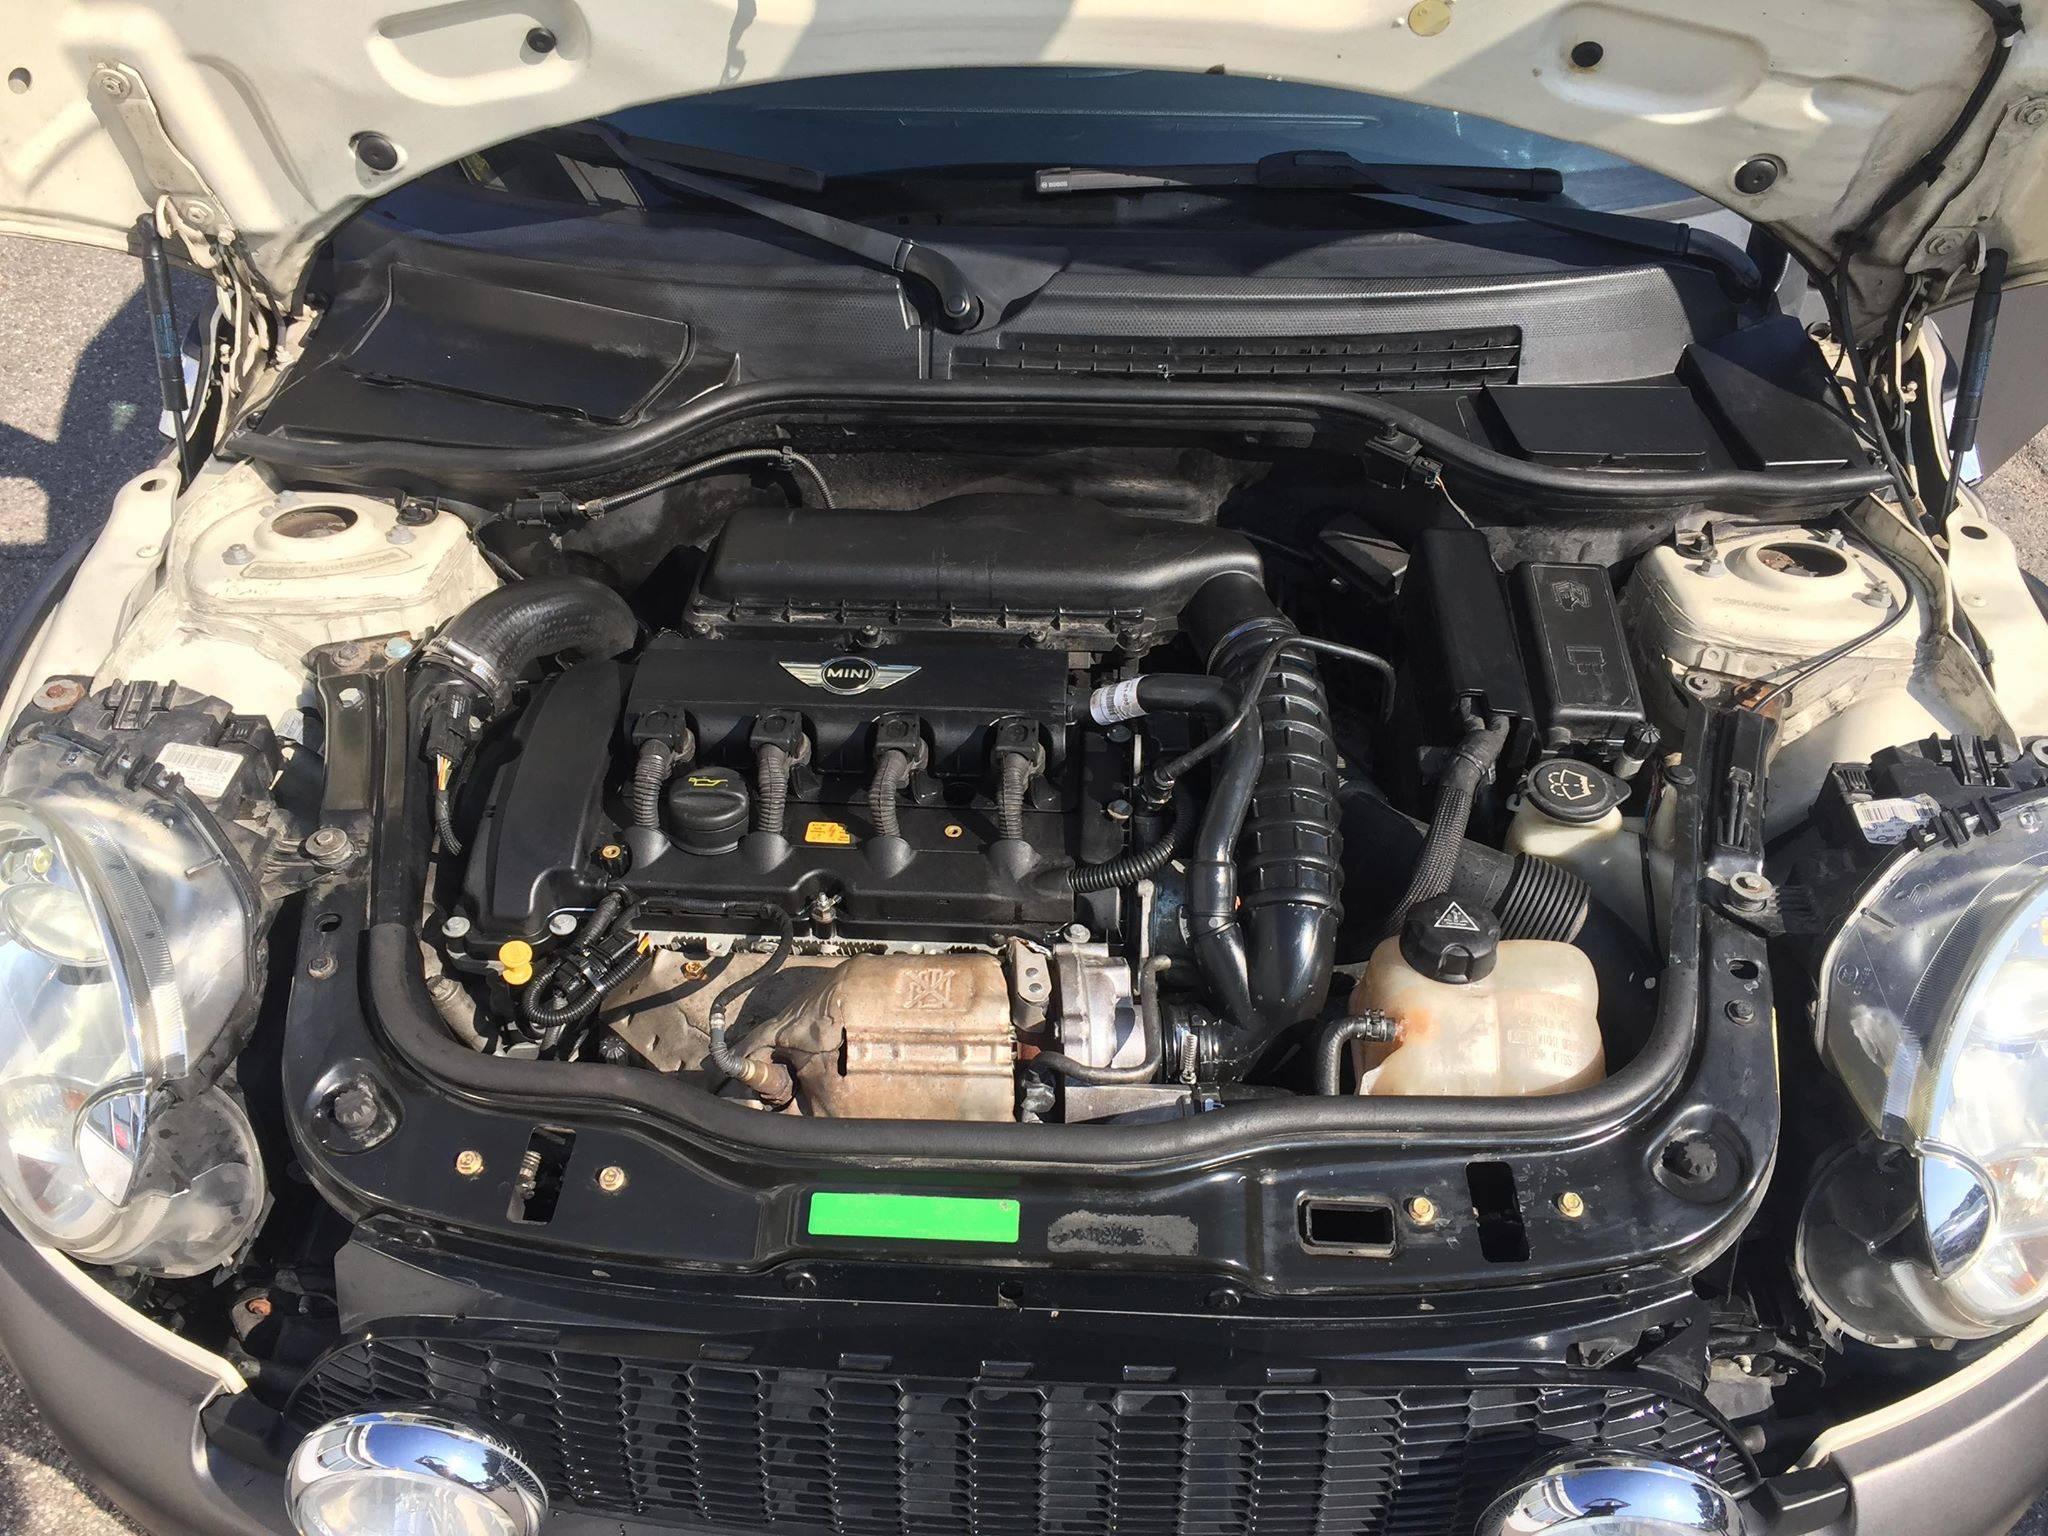 m12 - Mini Cooper S 1,6 175 3d